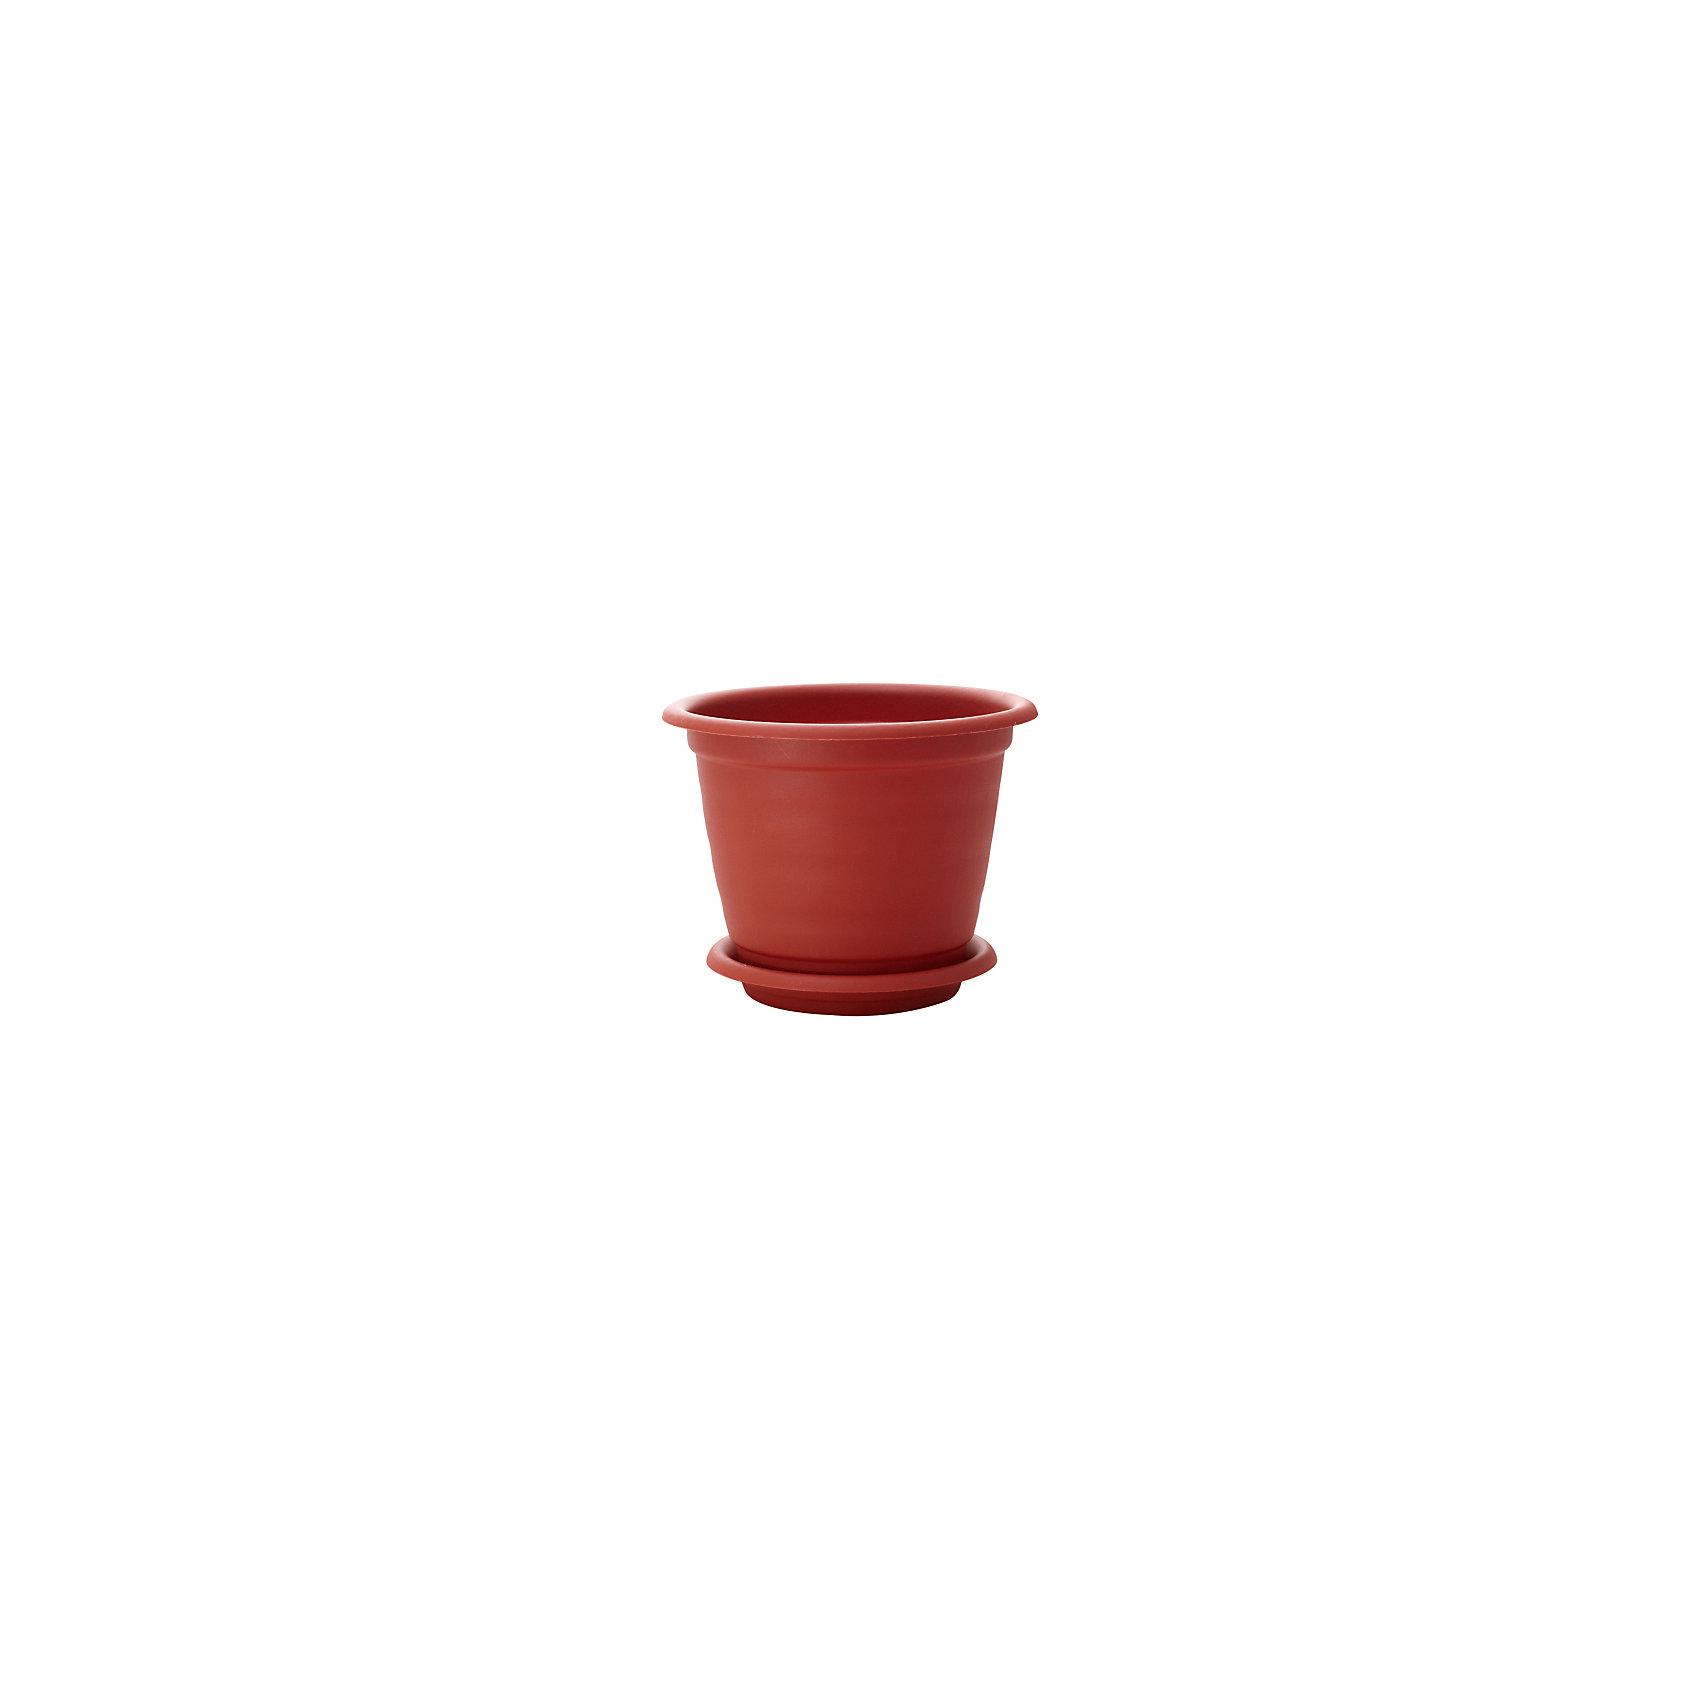 Горшок для цветов Натура D 240 mm с подставкой №5, INGREENПредметы интерьера<br>Горшок для цветов Натура D 240 mm с подставкой №5, INGREEN<br><br>Характеристики:<br><br>• Материал: пластик<br>• В комплекте: 1 штука<br>• Размер: 24х24х19<br>• Вес: 214 г<br>• С подставкой<br><br>Горшок Натура от INGREEN пригоден для выращивания как однолетних, так и многолетних растений. Он не только прекрасно впишется в интерьер, но и поможет вам в наиболее эффективном уходе за растениями. Горшок снабжен дренажными отверстиями, что позволит предотвратить гниение корневой системы, за счет выведения излишней влаги из почвы. Подставка снабжена прочной крепежной системой, благодаря которой горшок надежно фиксируется и не съезжает. Так же конструкция горшка позволяет производить прикорневой полив растения.<br><br>Горшок для цветов Натура D 240 mm с подставкой №5, INGREEN можно купить в нашем интернет-магазине.<br><br>Ширина мм: 240<br>Глубина мм: 240<br>Высота мм: 190<br>Вес г: 234<br>Возраст от месяцев: 216<br>Возраст до месяцев: 1188<br>Пол: Унисекс<br>Возраст: Детский<br>SKU: 5545640